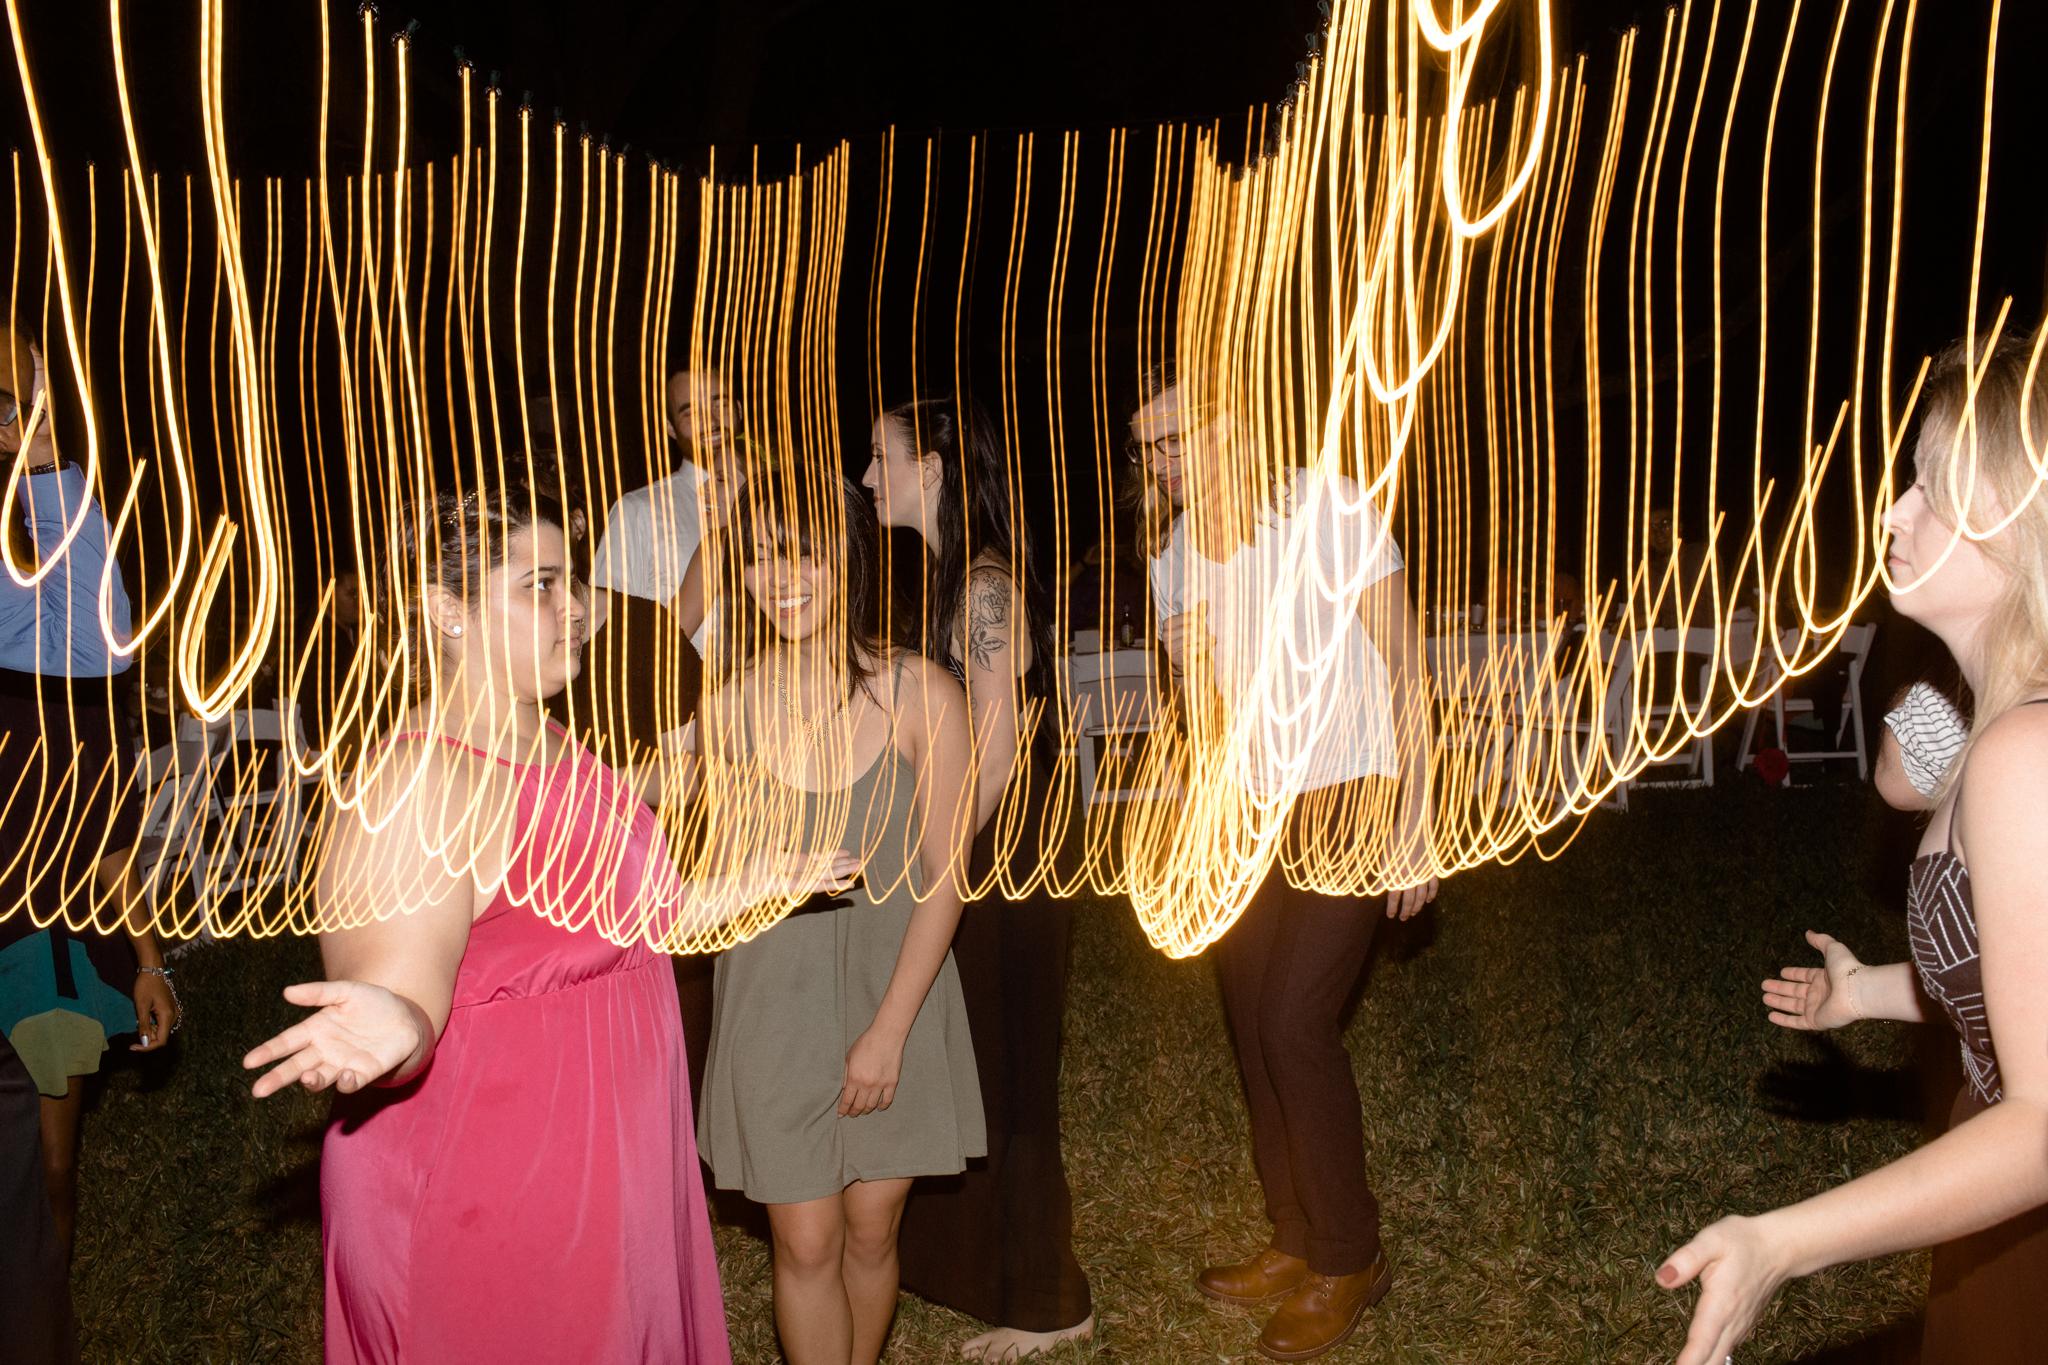 bohemian wedding photographer sarah rose destination wedding photographer columbus ohio wedding photographer dayton ohio wedding photographer cincinnati ohio wedding photographer